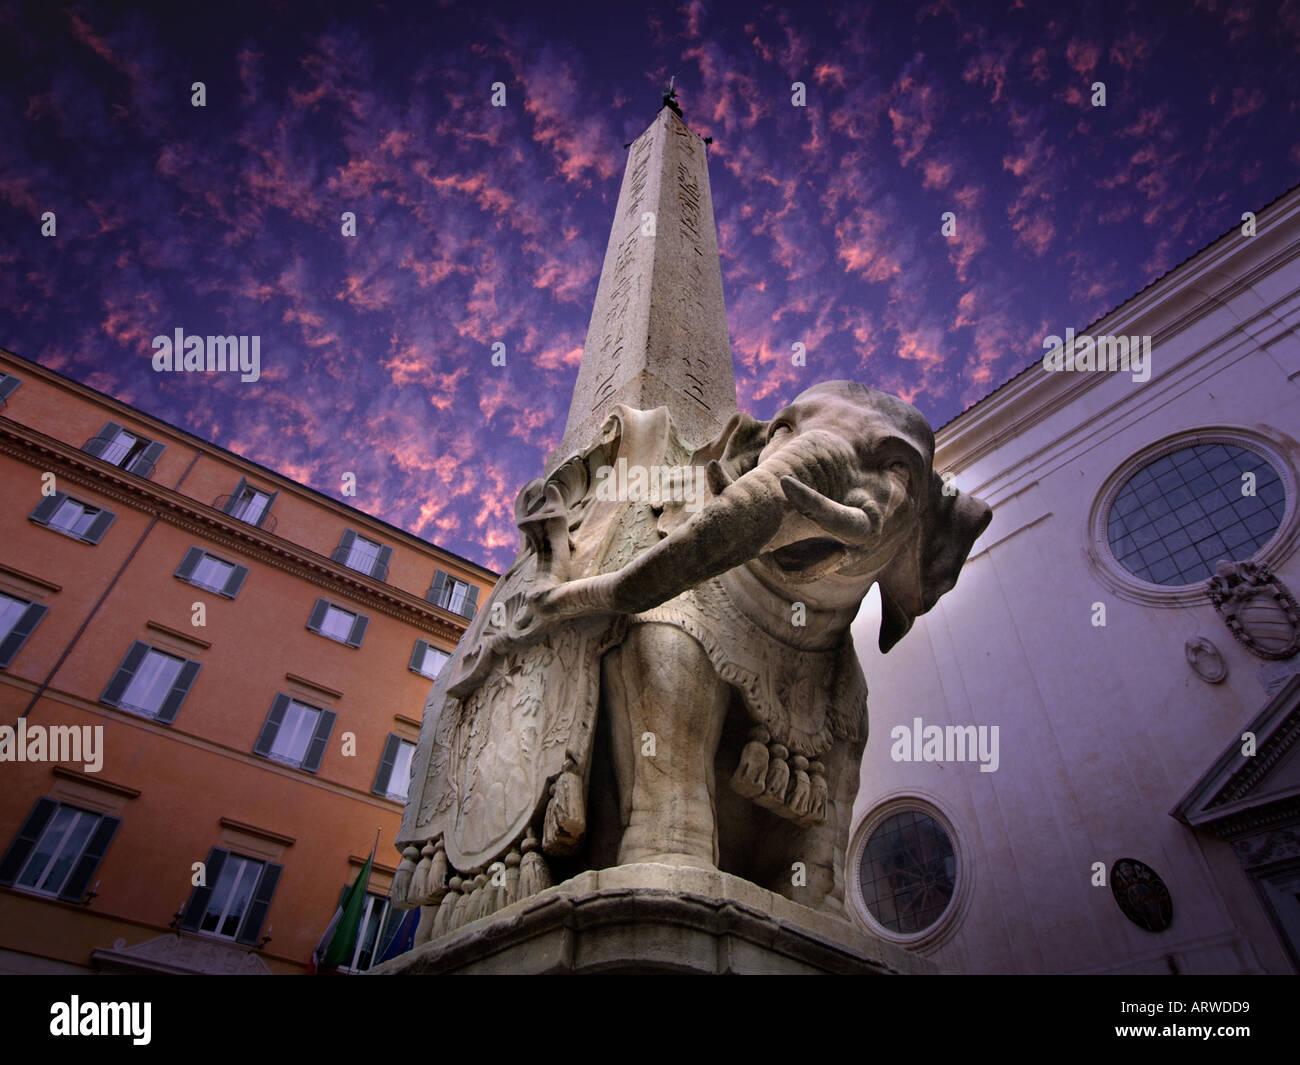 Bernini designed this elephant to carry the obelisk of the Santa Maria Sopra Minerva on Piazza della Minerva Rome Stock Photo